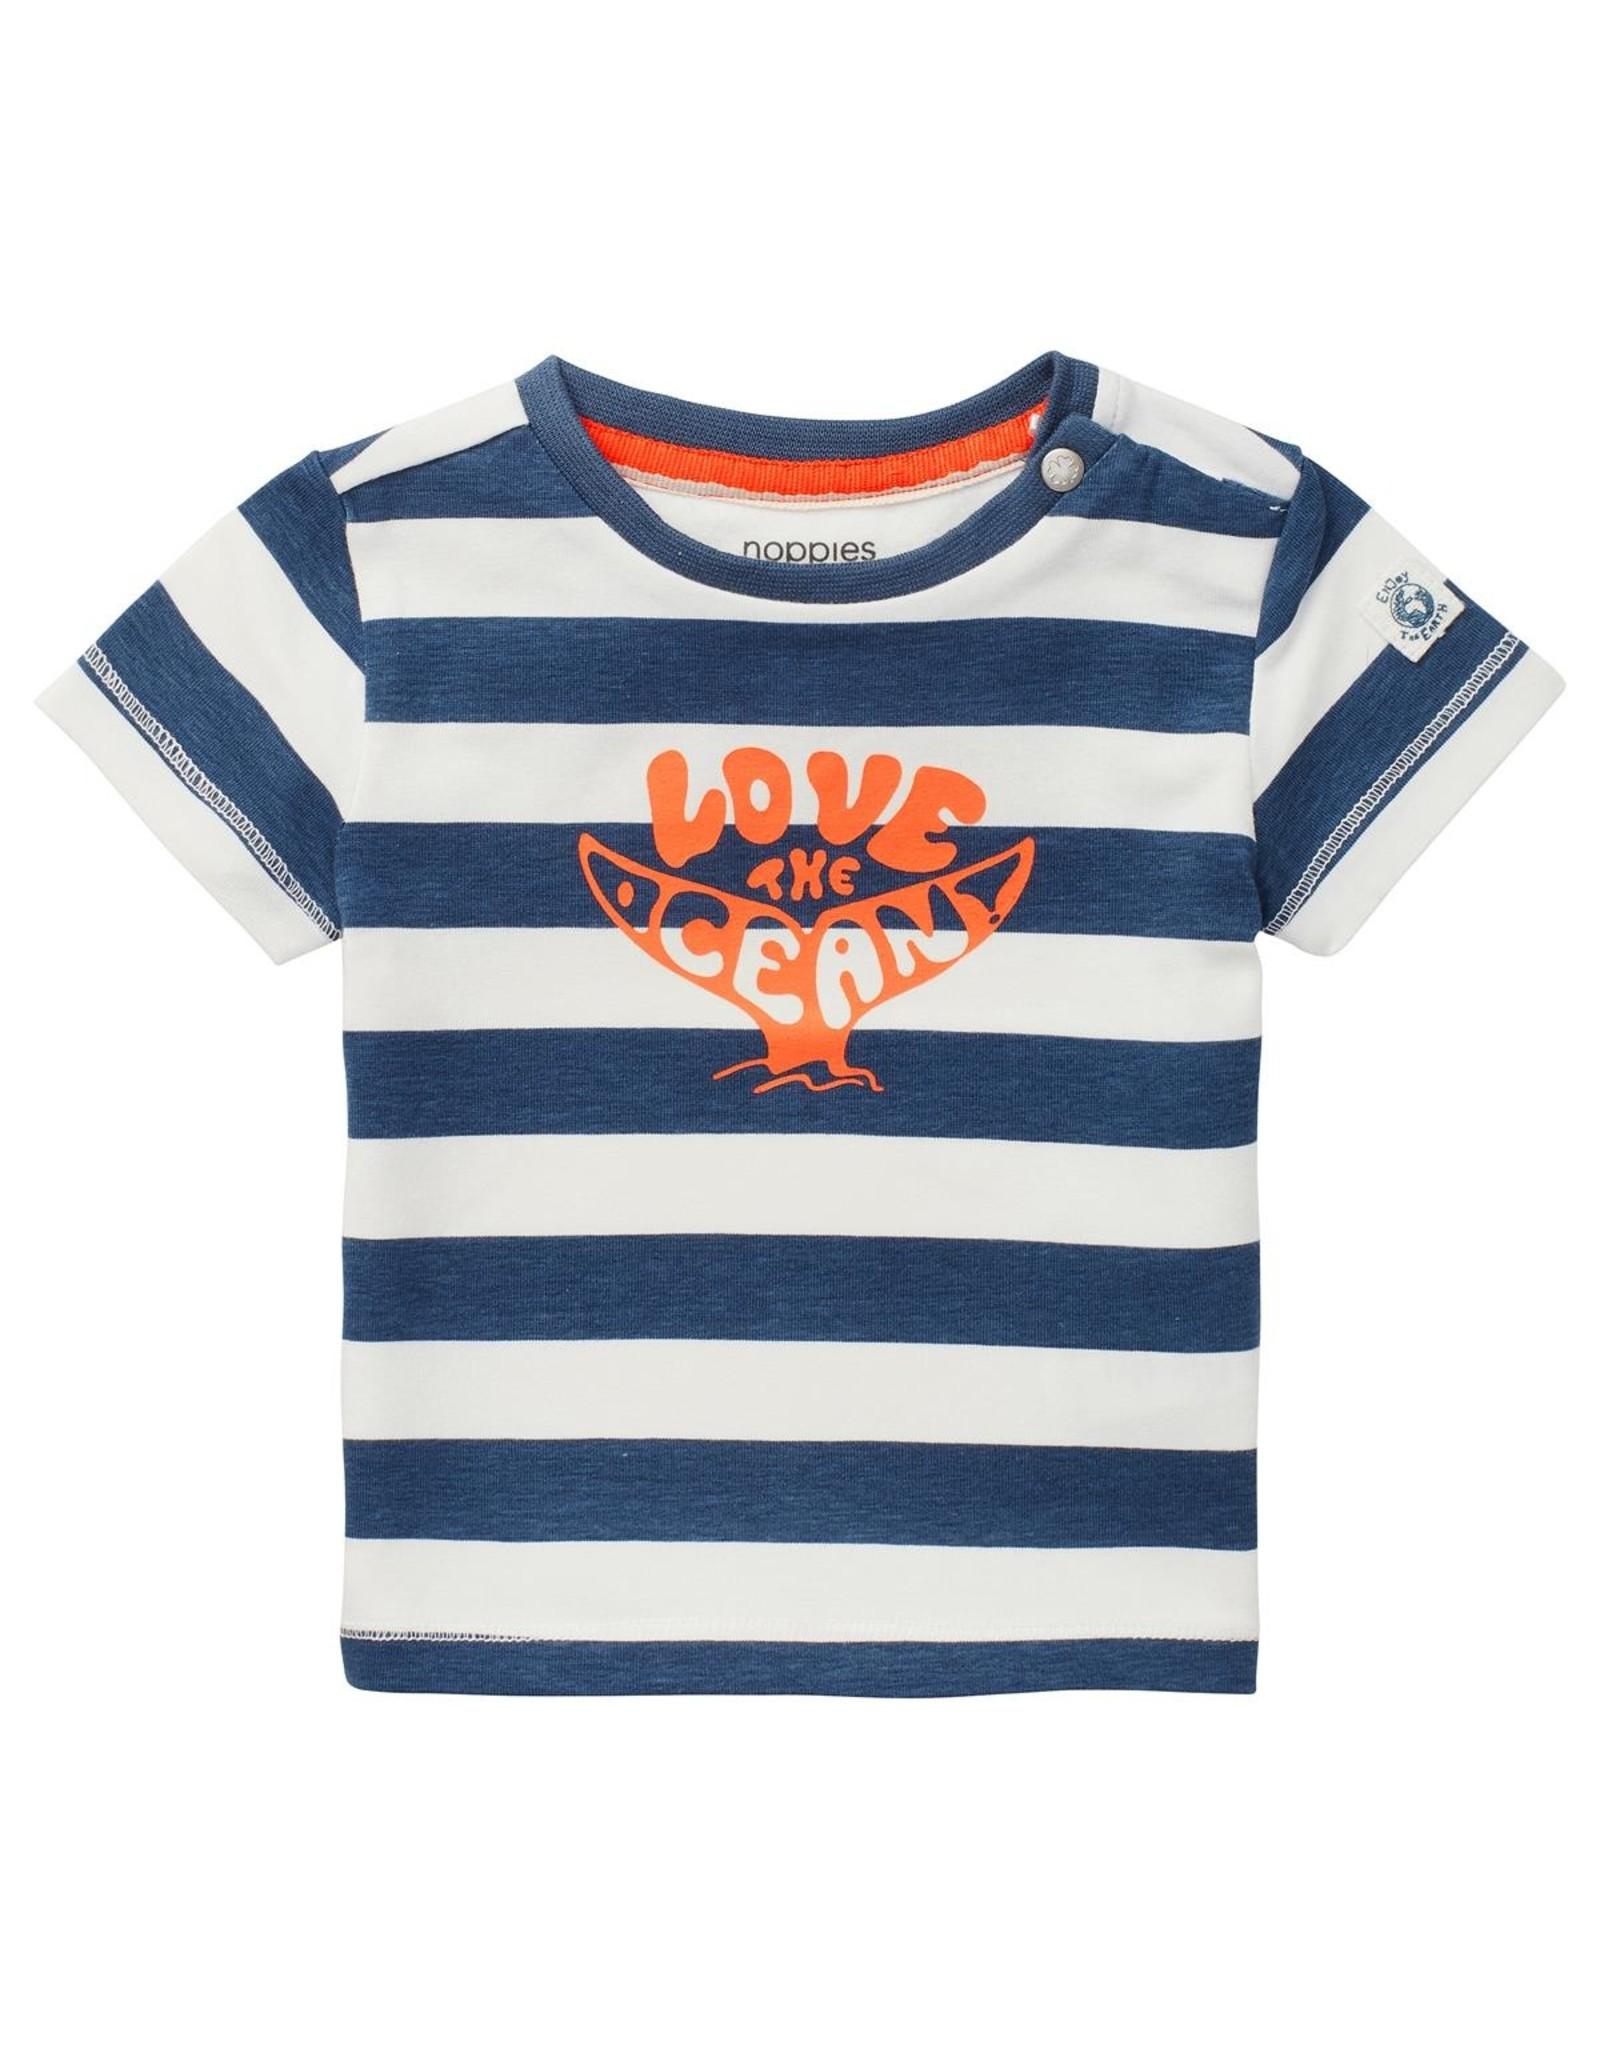 Noppies B T-shirt SS Taormina